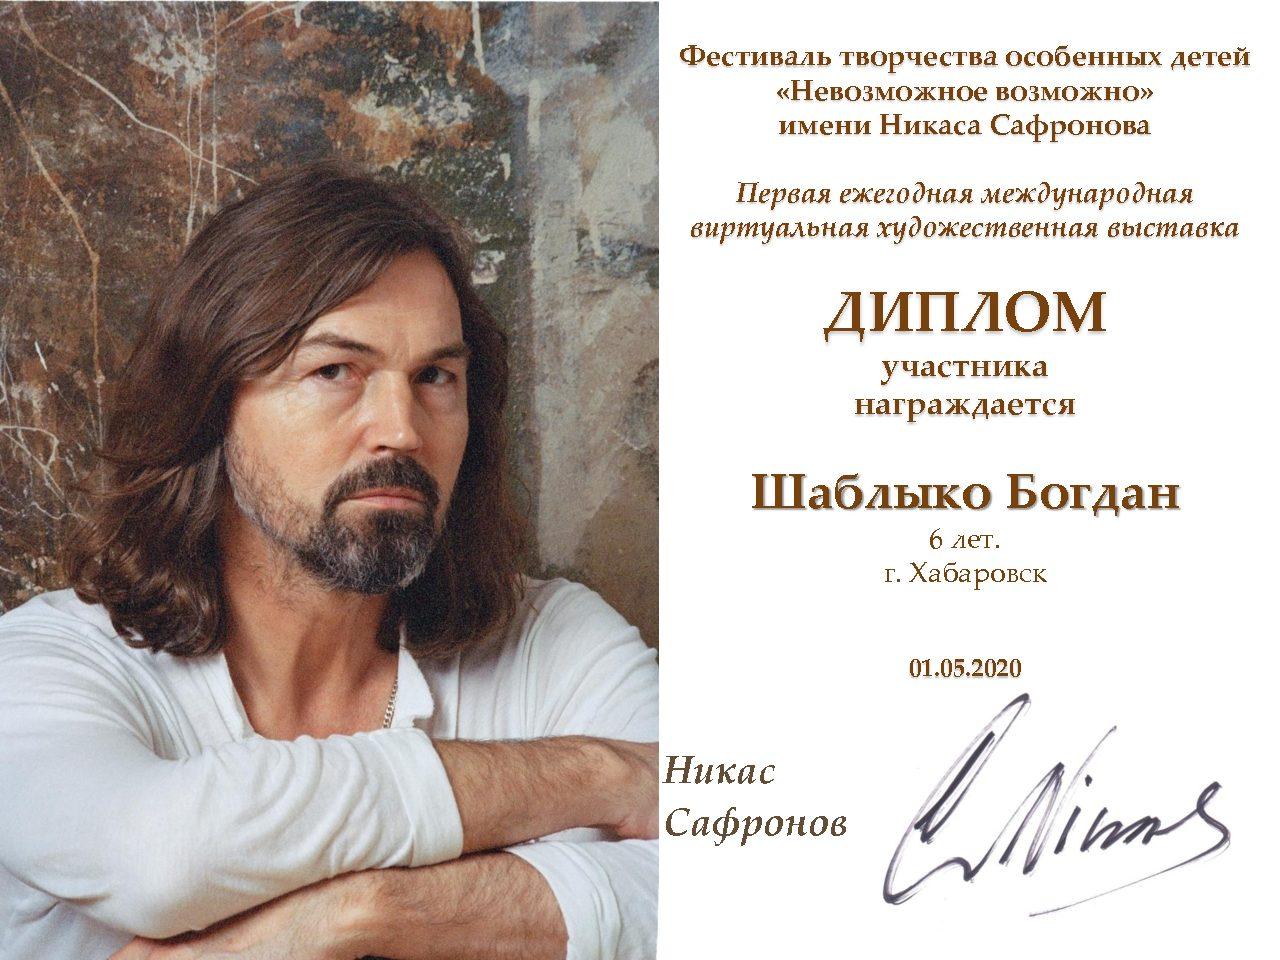 Шаблыко Богдан